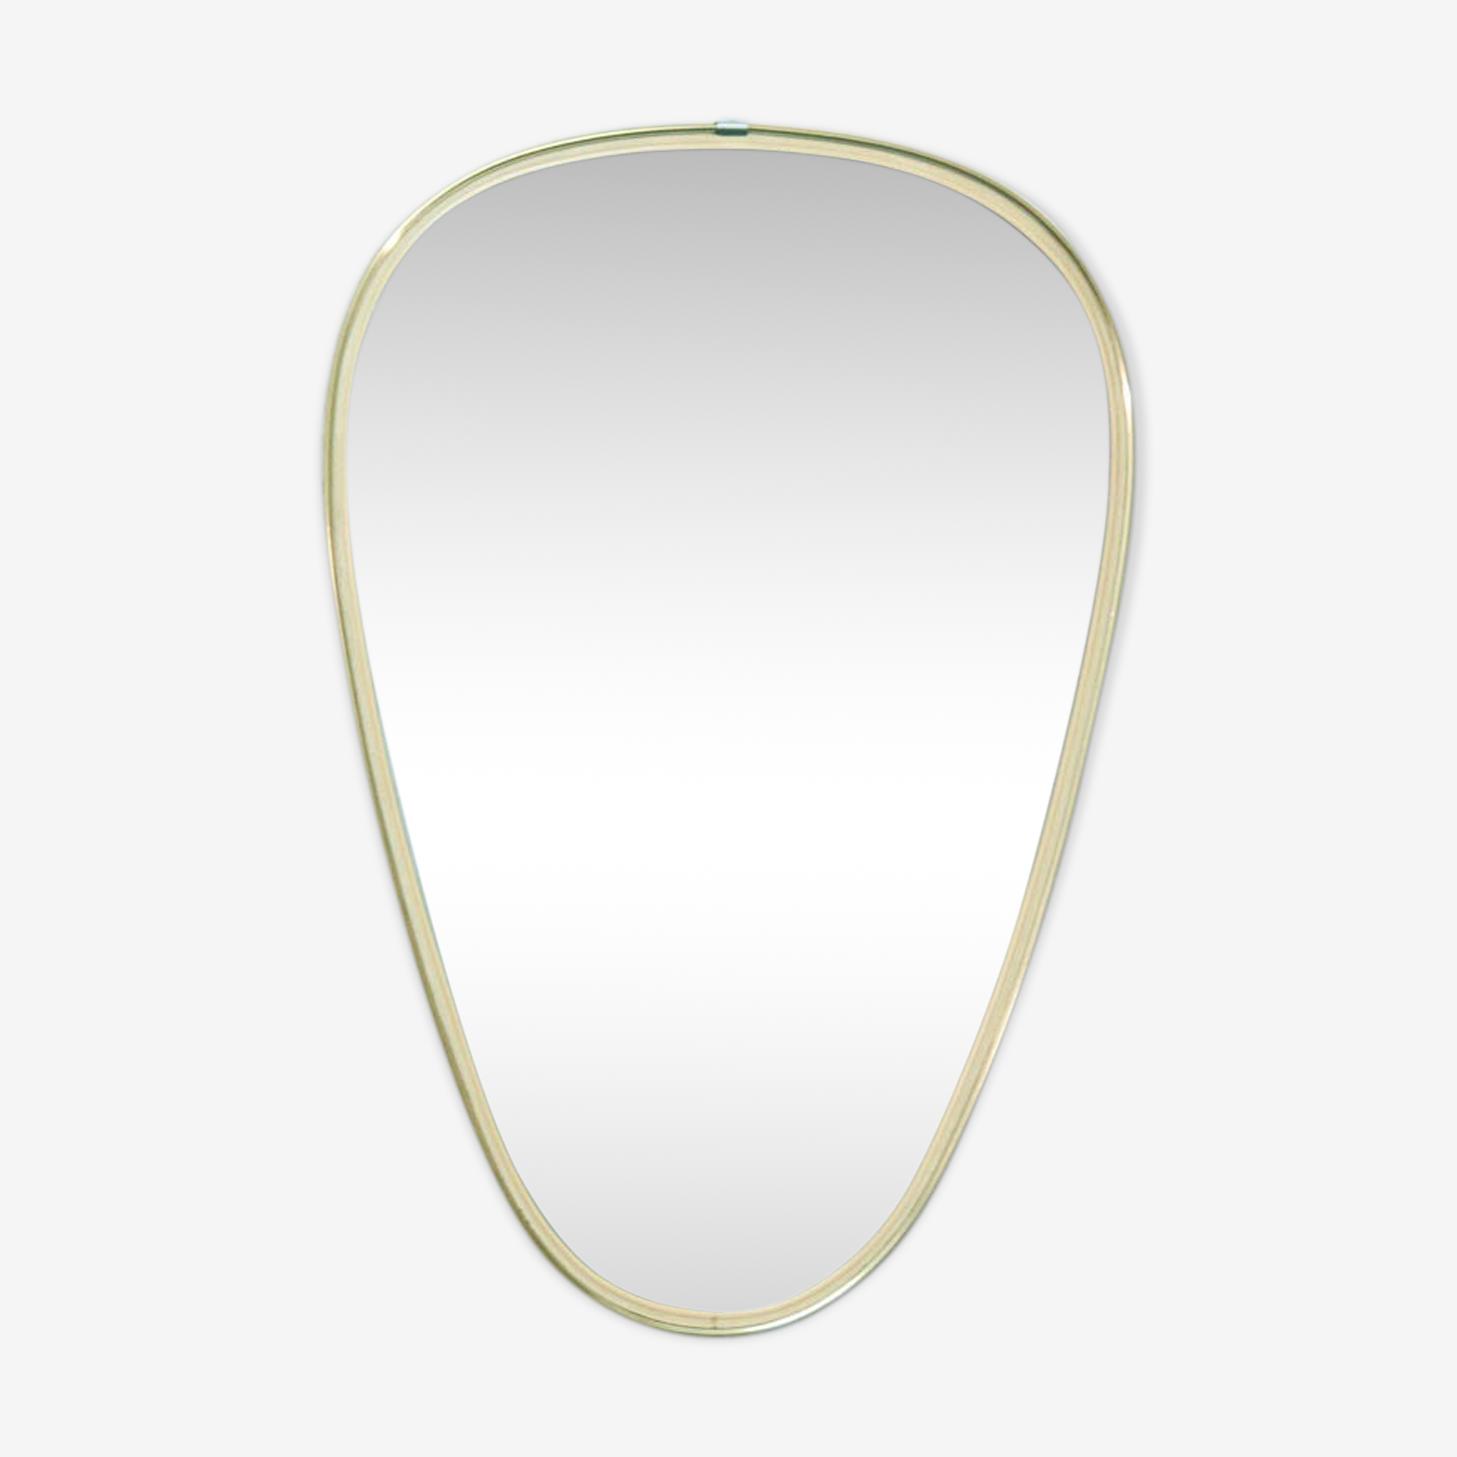 Miroir laiton doré ovale 48x32cm